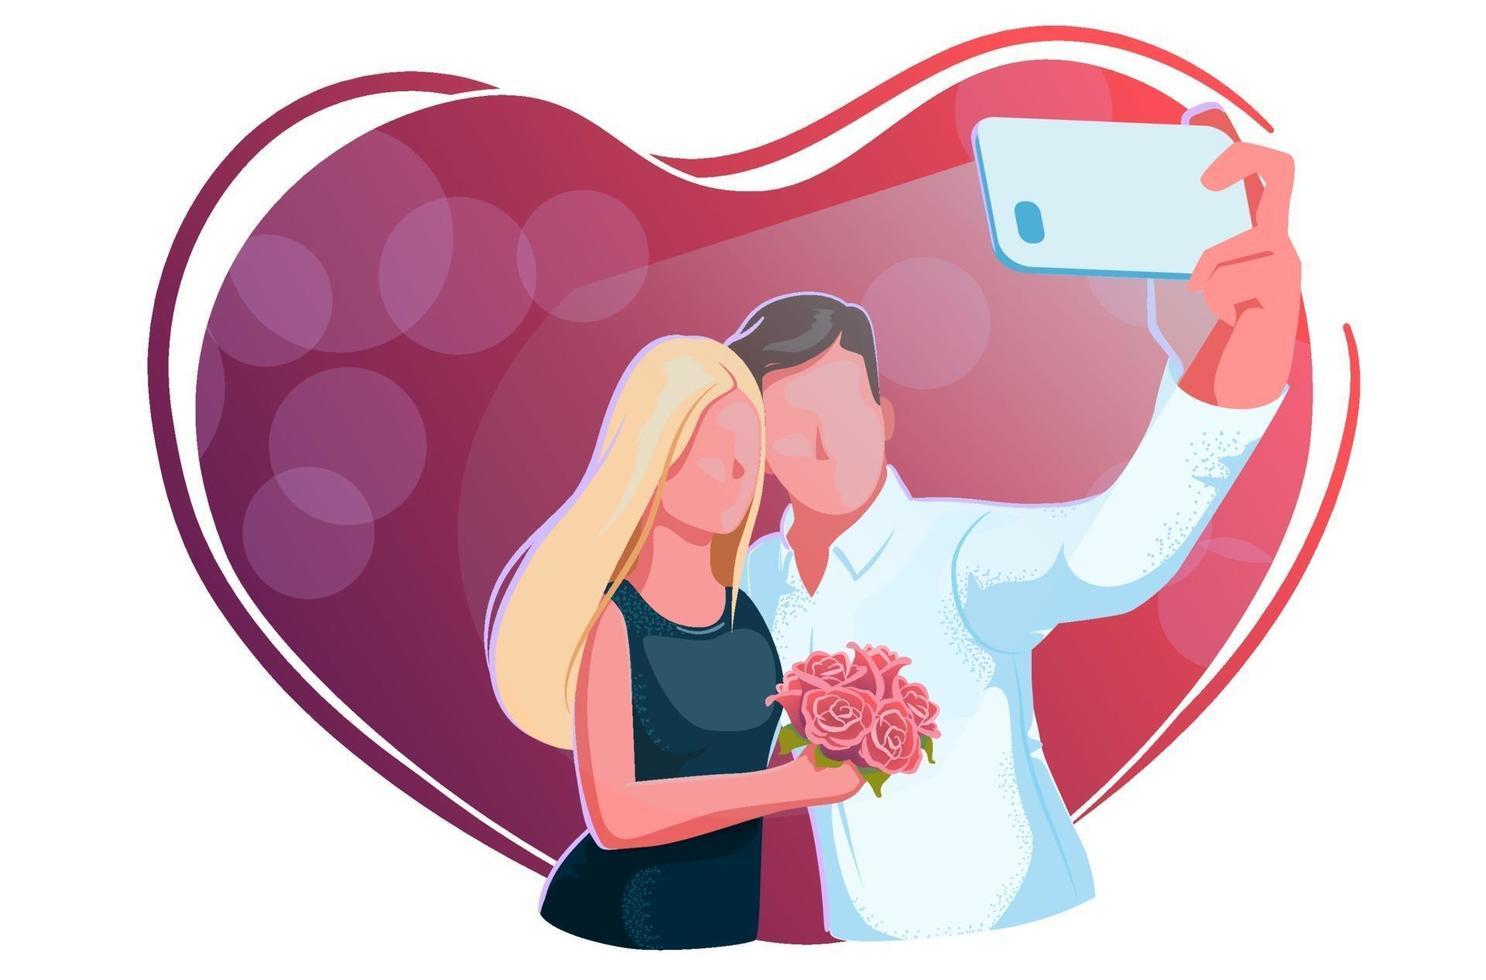 beau jeune couple prenant selfie à la date. Saint Valentin, mec et fille avec des roses font relfie sur fond rouge. amour, fiançailles, concept de mariage. cadre de coeur d'amour. conception de célébration romantique. vecteur